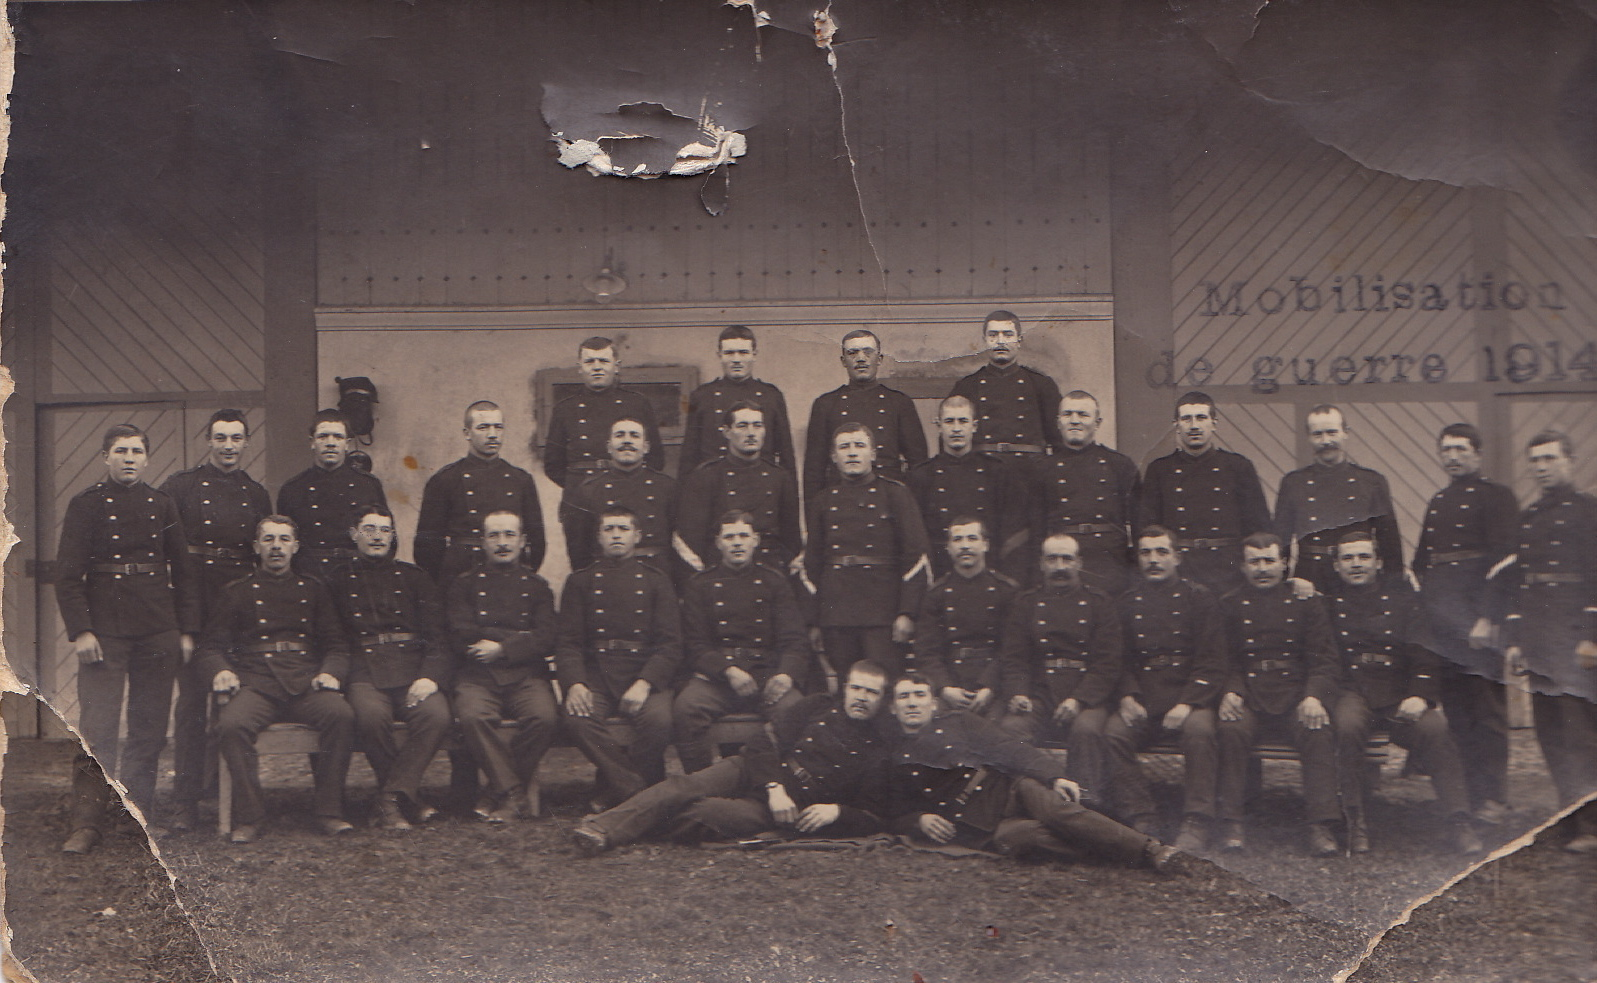 Mobilisation de guerre 1914